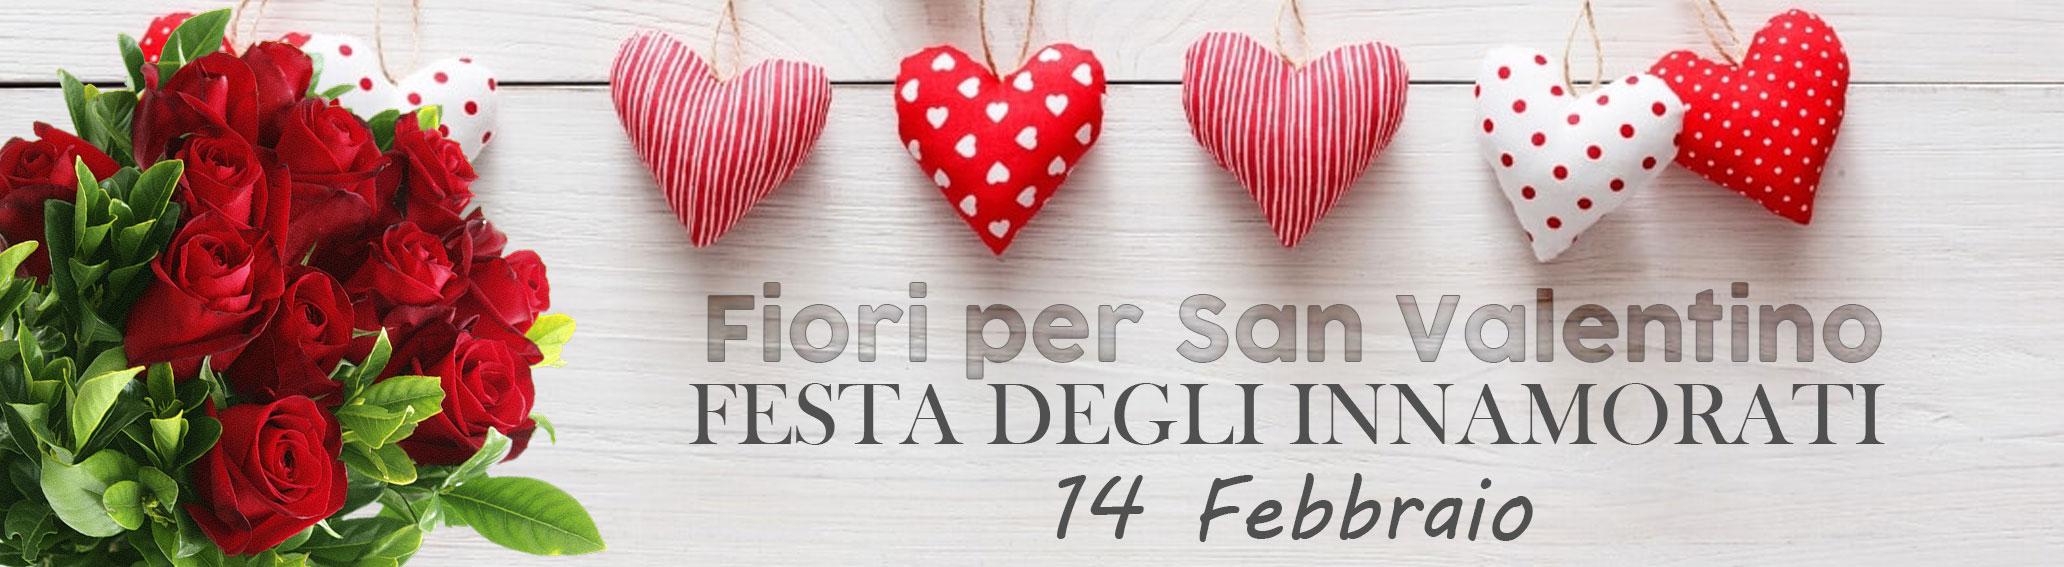 Fiori per San Valentino Napoli